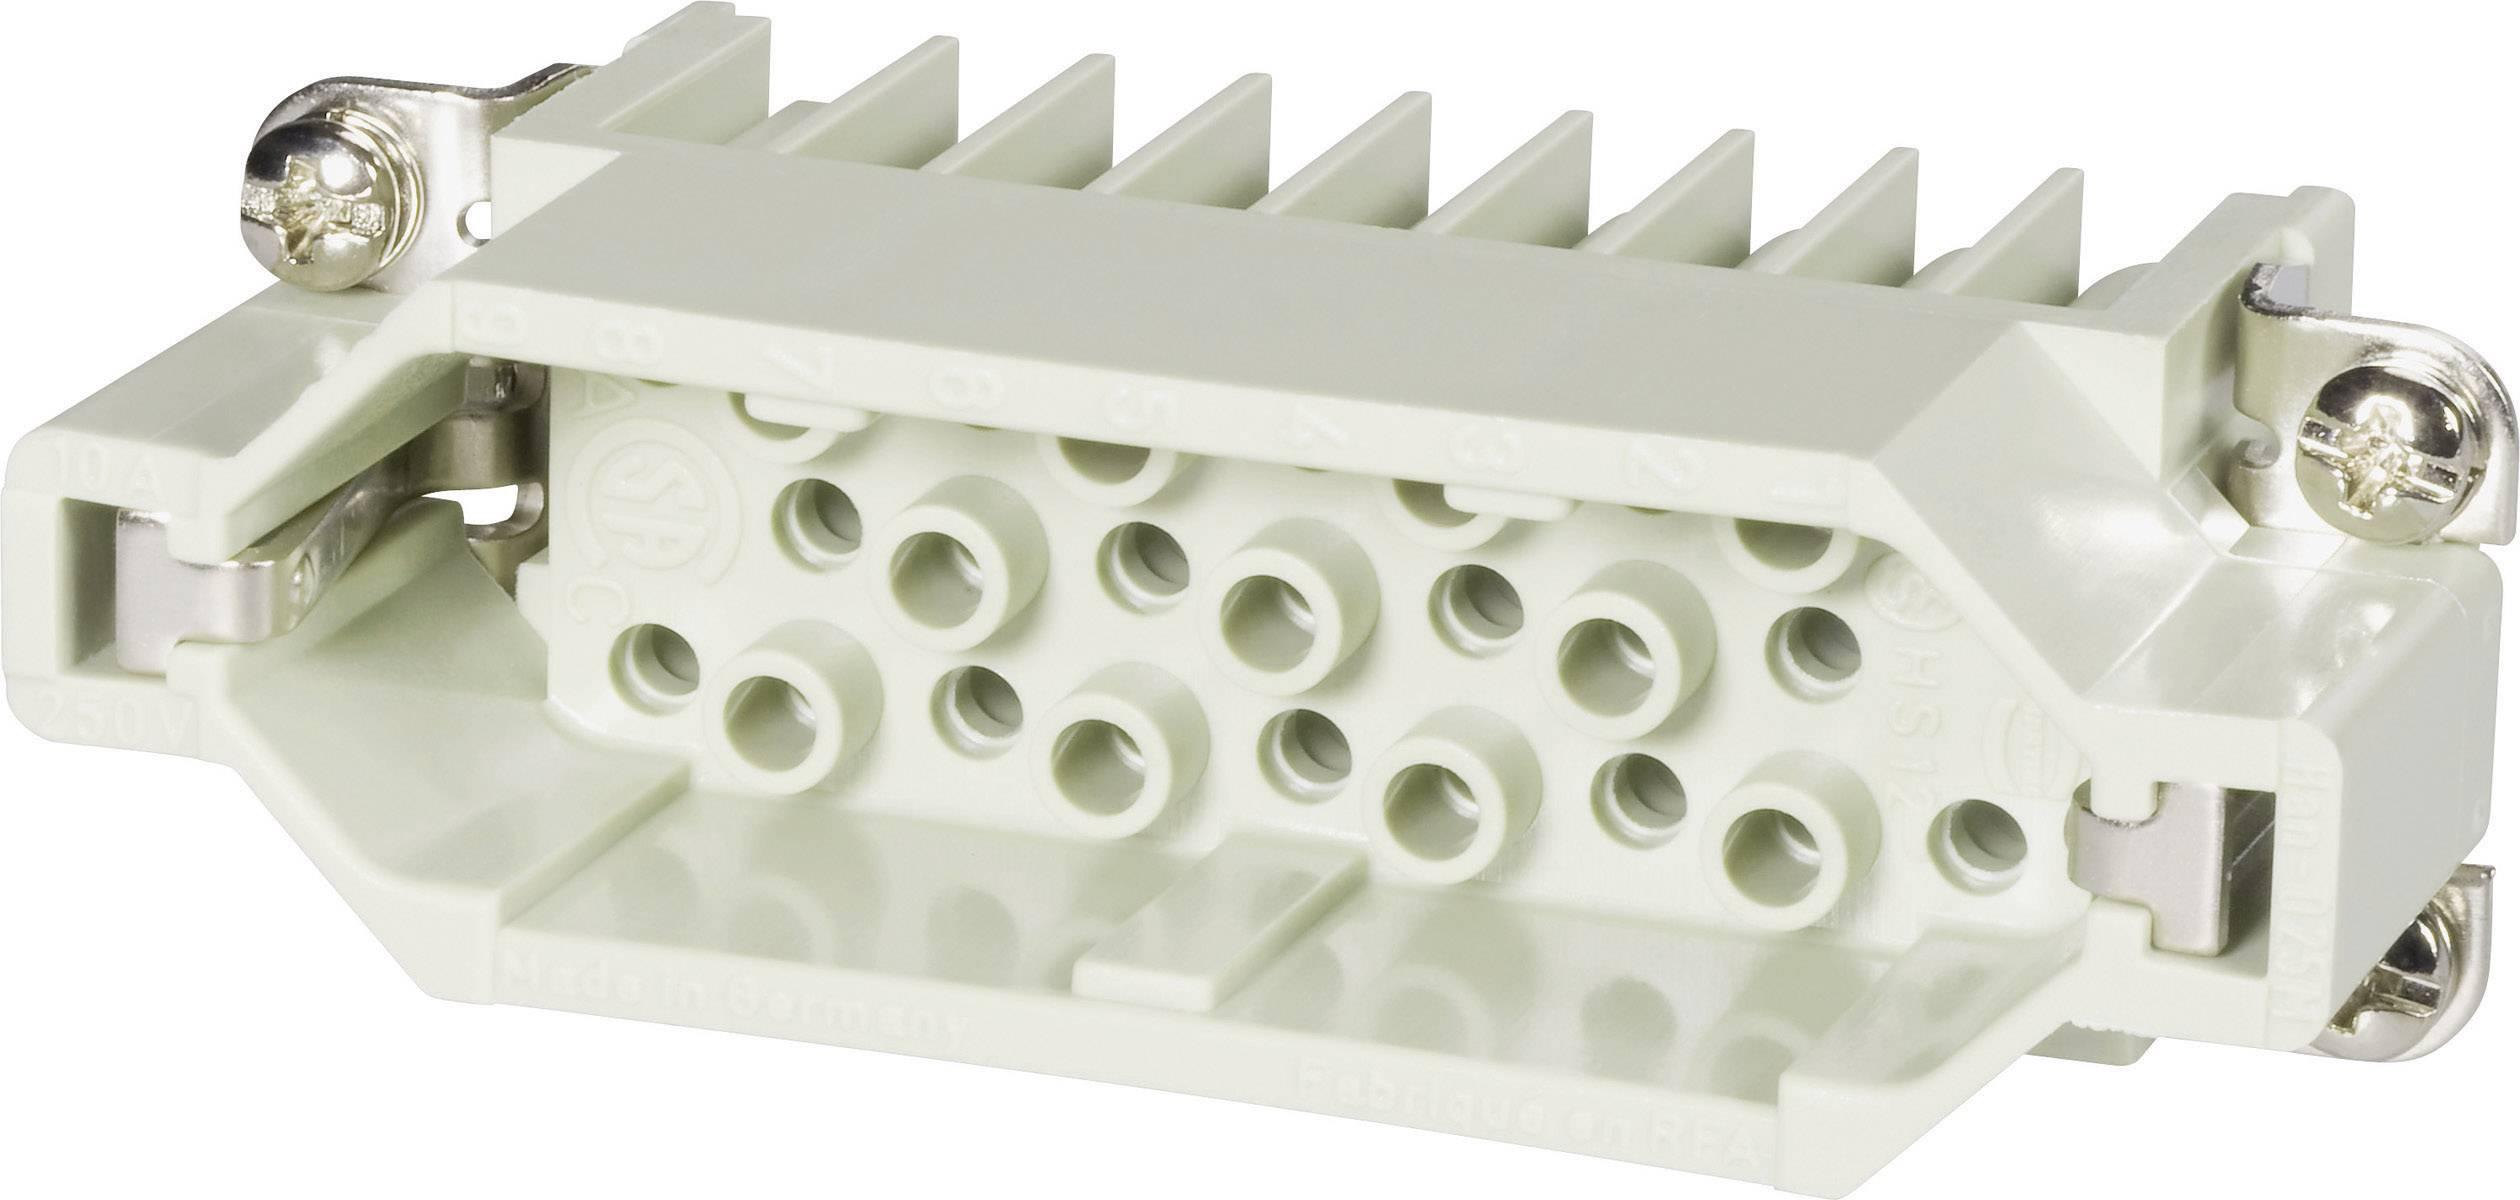 Vložka pinového konektoru Harting Han® D 09 21 025 3001, 25 + PE, krimpované připojení, 1 ks